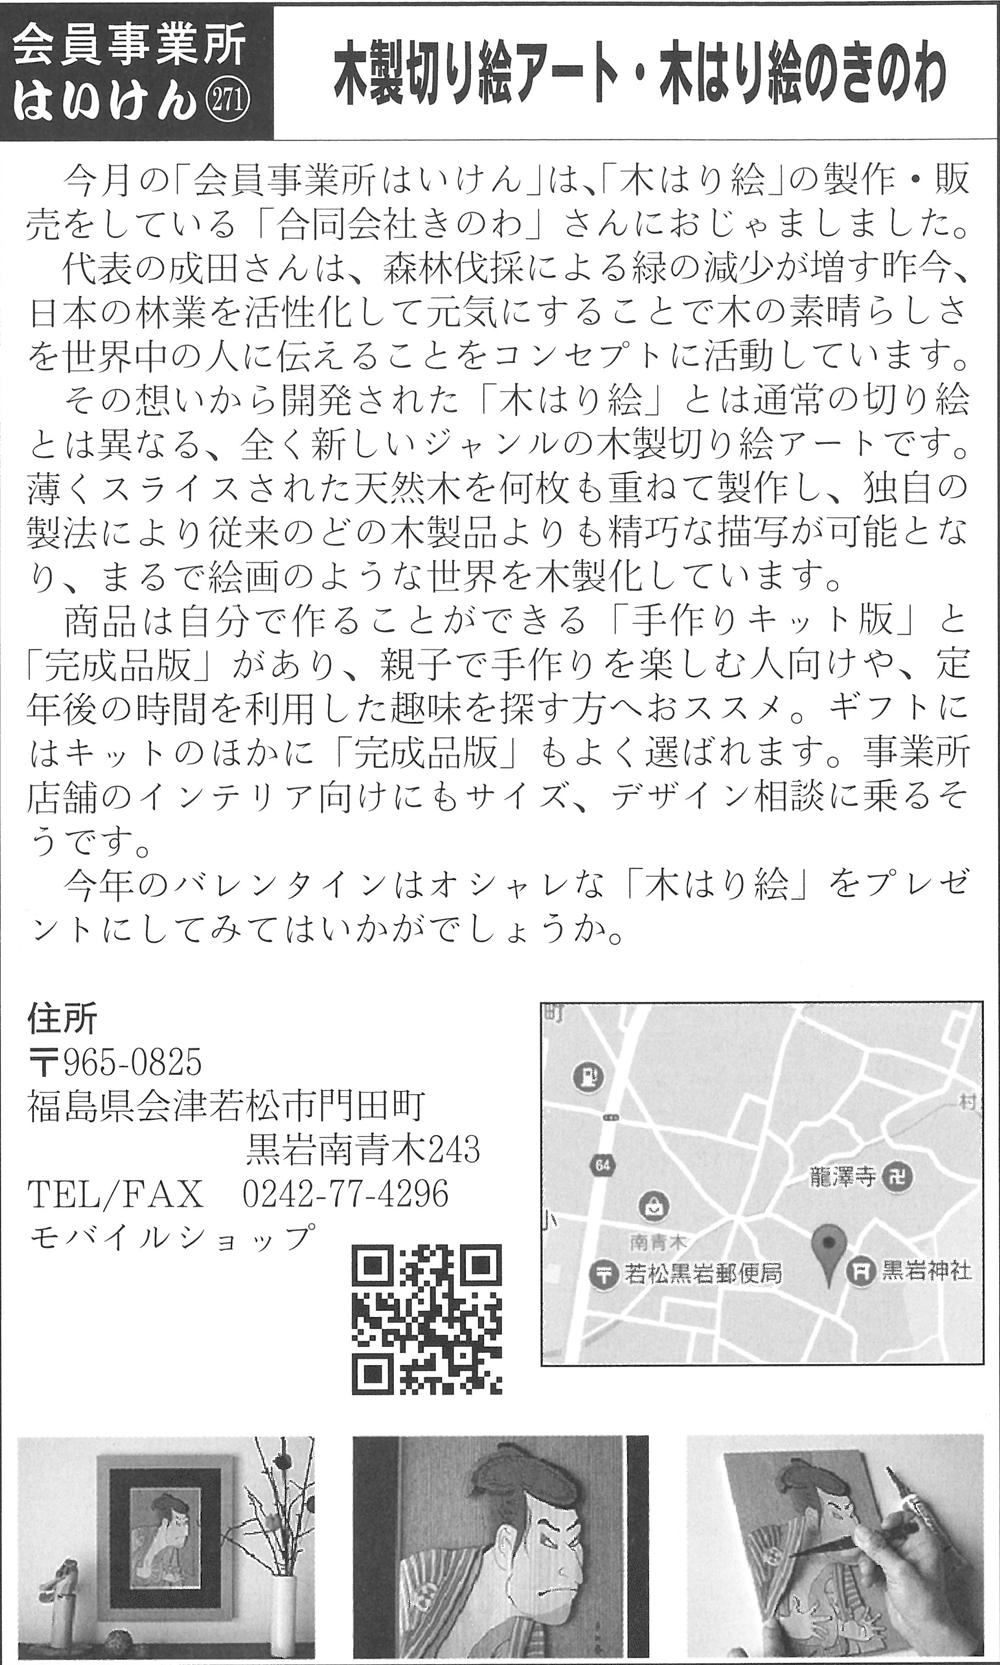 商工会議所_きのわ